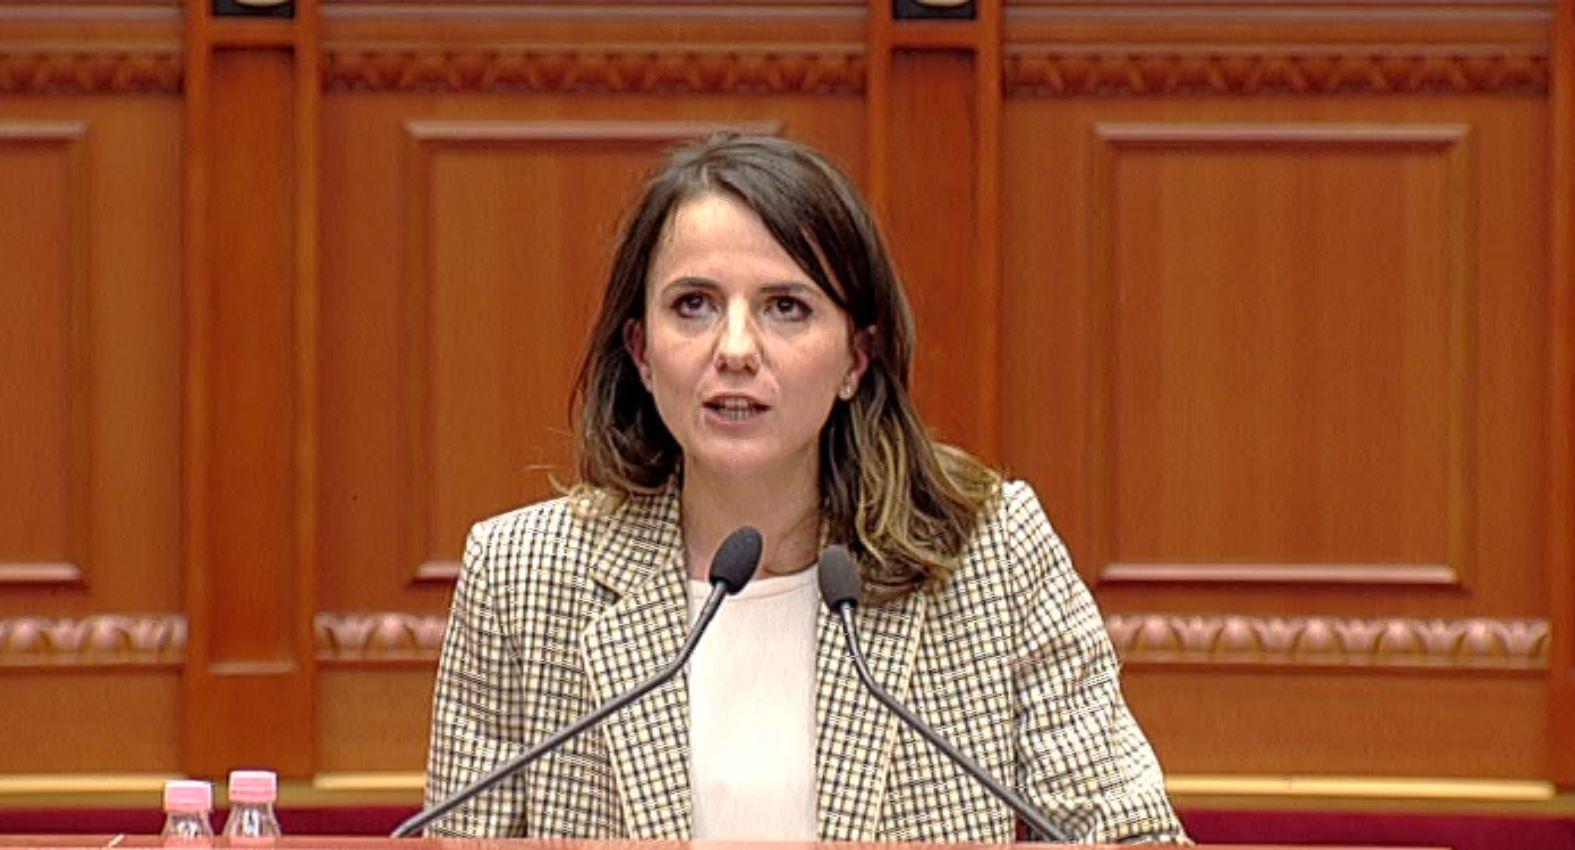 Integrimi i Shqipërisë, Hajdari: Rama po bën tangon e Serbisë